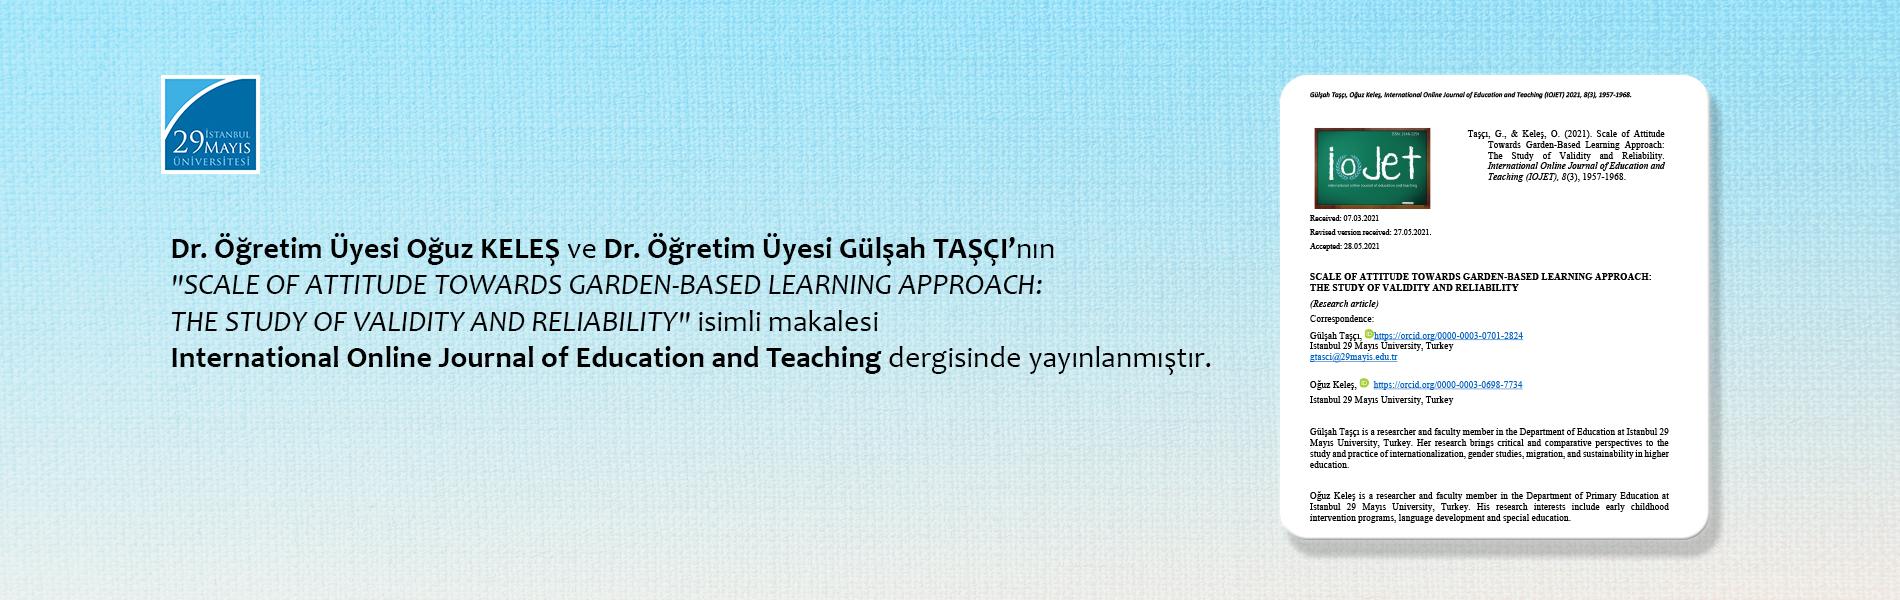 Dr. Öğr. Üyesi Oğuz KELEŞ ve Dr. Öğr. Üyesi Gülşah Taşçının Makalesi International Online Journal of Education and Teaching Dergisinde Yayınlanmıştır